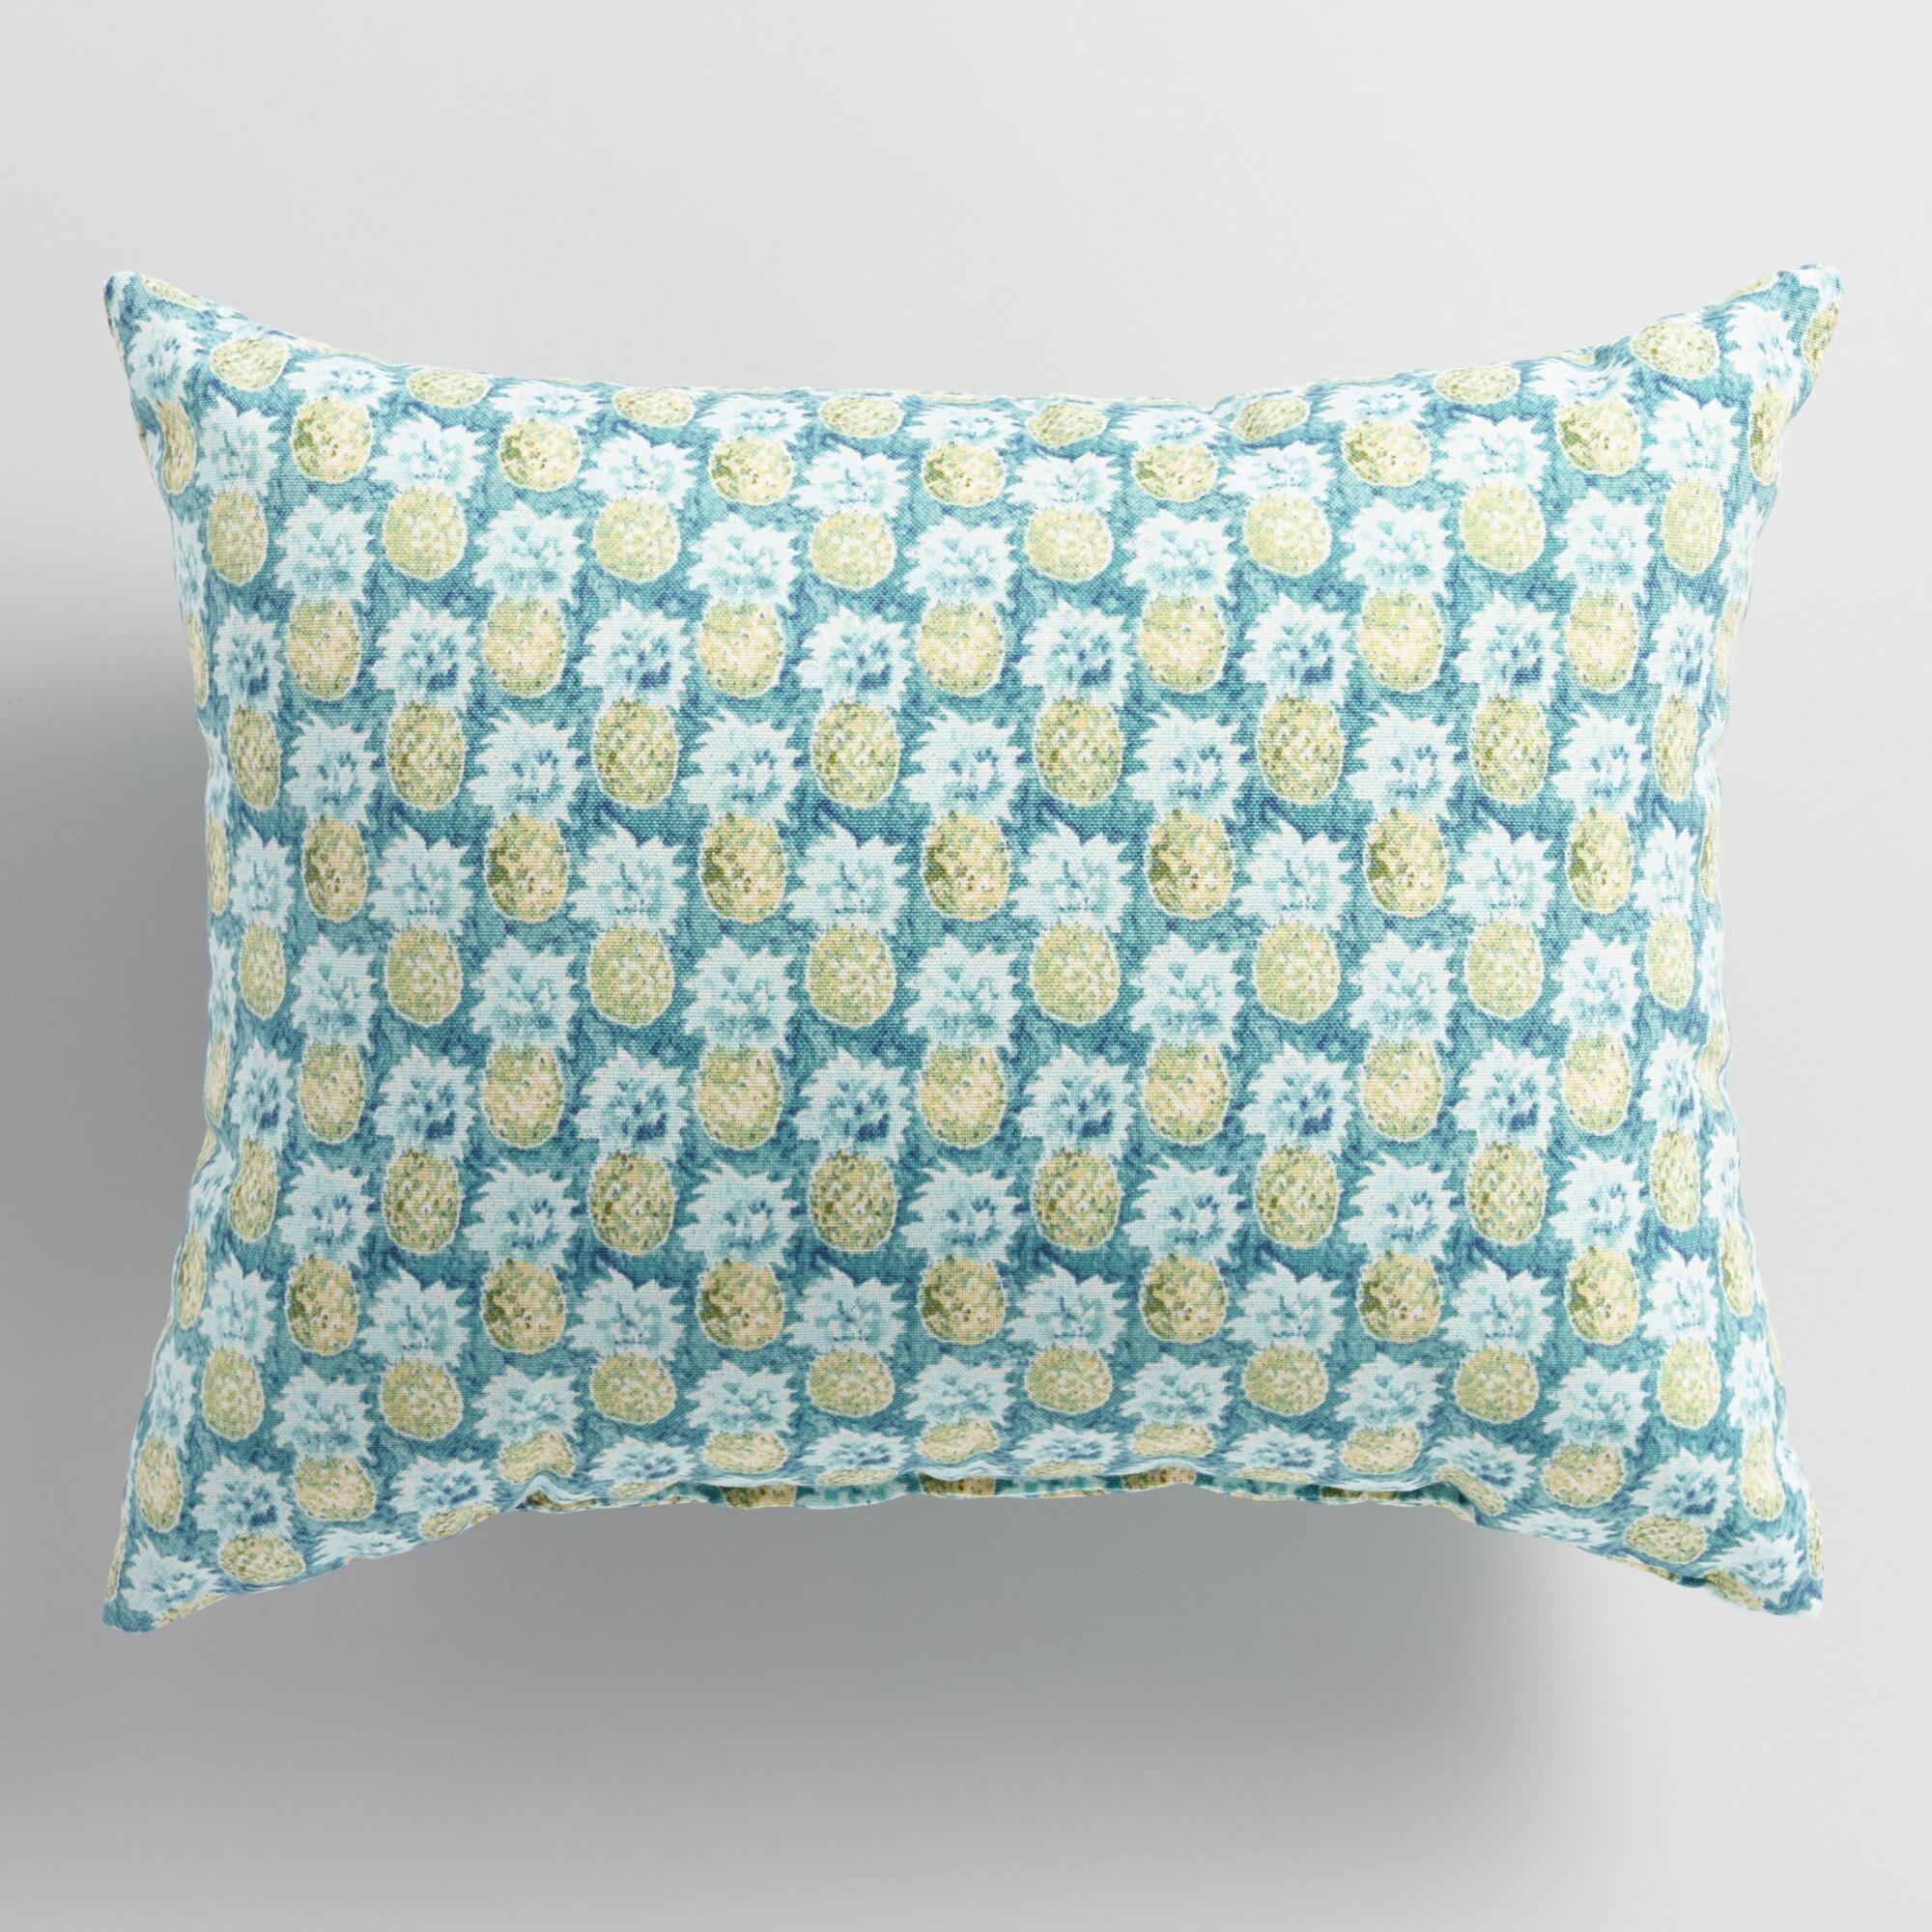 Teal Paloma Pineapple Outdoor Lumbar Pillow Pillows Decorative